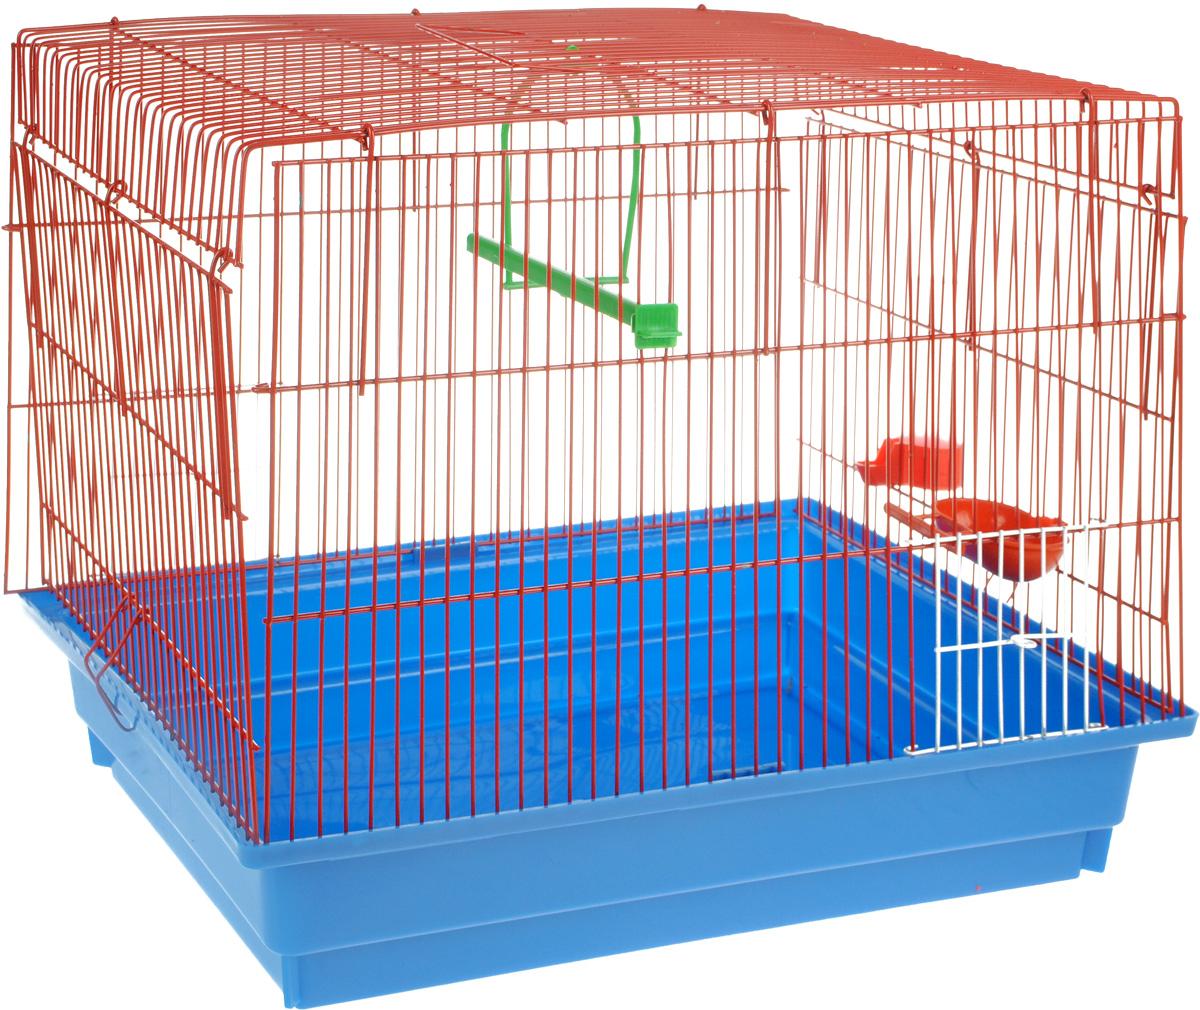 Клетка для птиц ЗооМарк, цвет: синий поддон, красная решетка, 50 х 31 х 41 см470СККлетка ЗооМарк, выполненная из полипропилена и металла с эмалированным покрытием, предназначена для птиц. Изделие состоит из большого поддона и решетки. Клетка снабжена металлической дверцей. Она удобна в использовании и легко чистится. Клетка оснащена жердочкой, кольцом для птицы, поилкой, кормушкой и подвижной ручкой для удобной переноски.